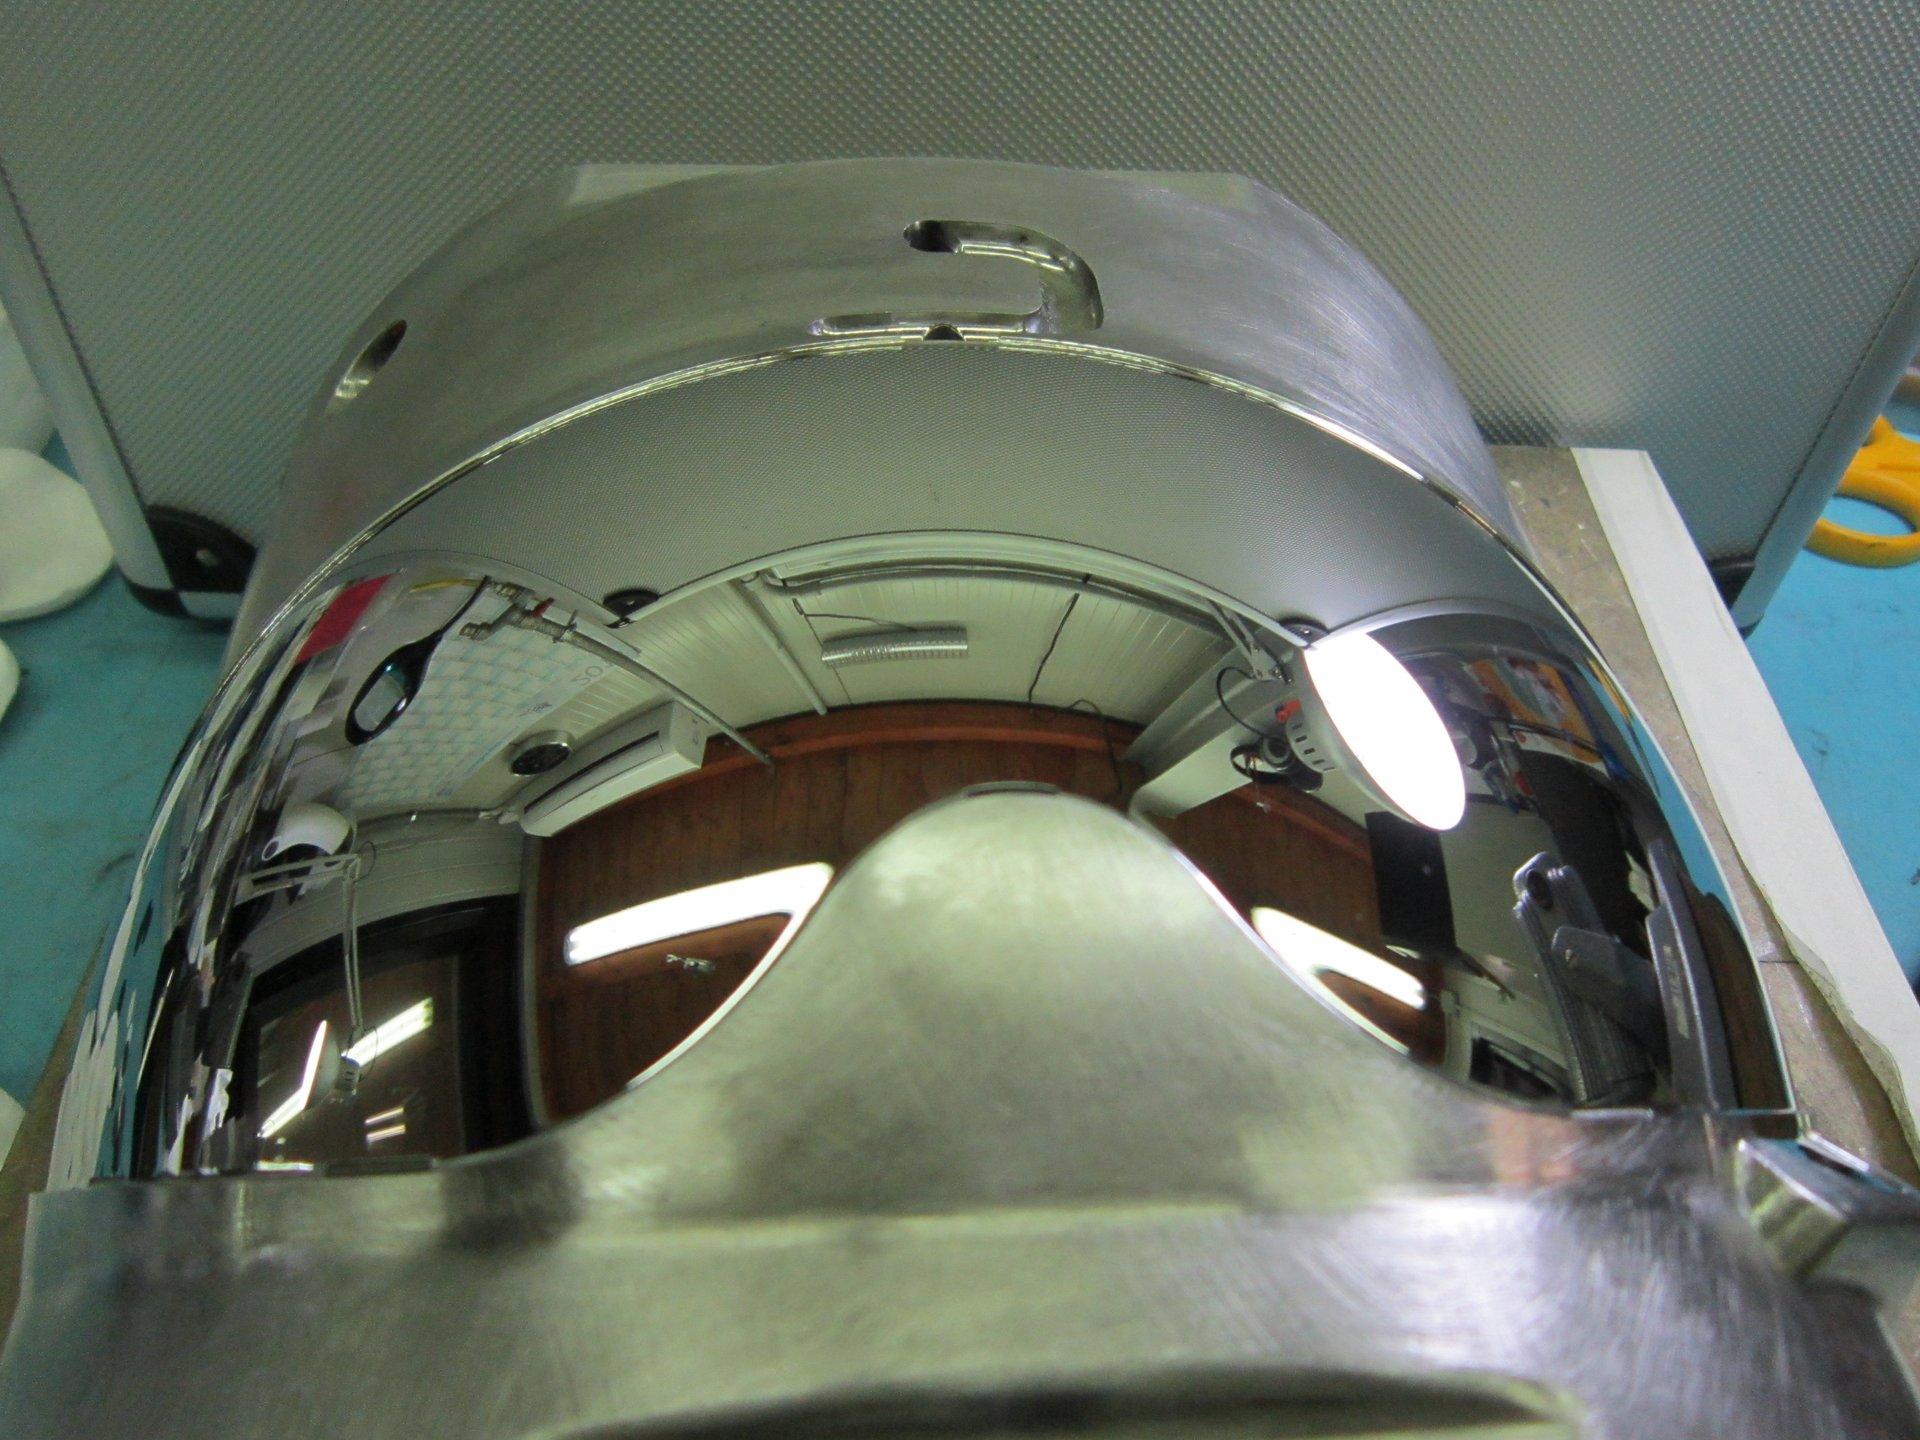 superficie metallica dopo trattamento di lucidatura